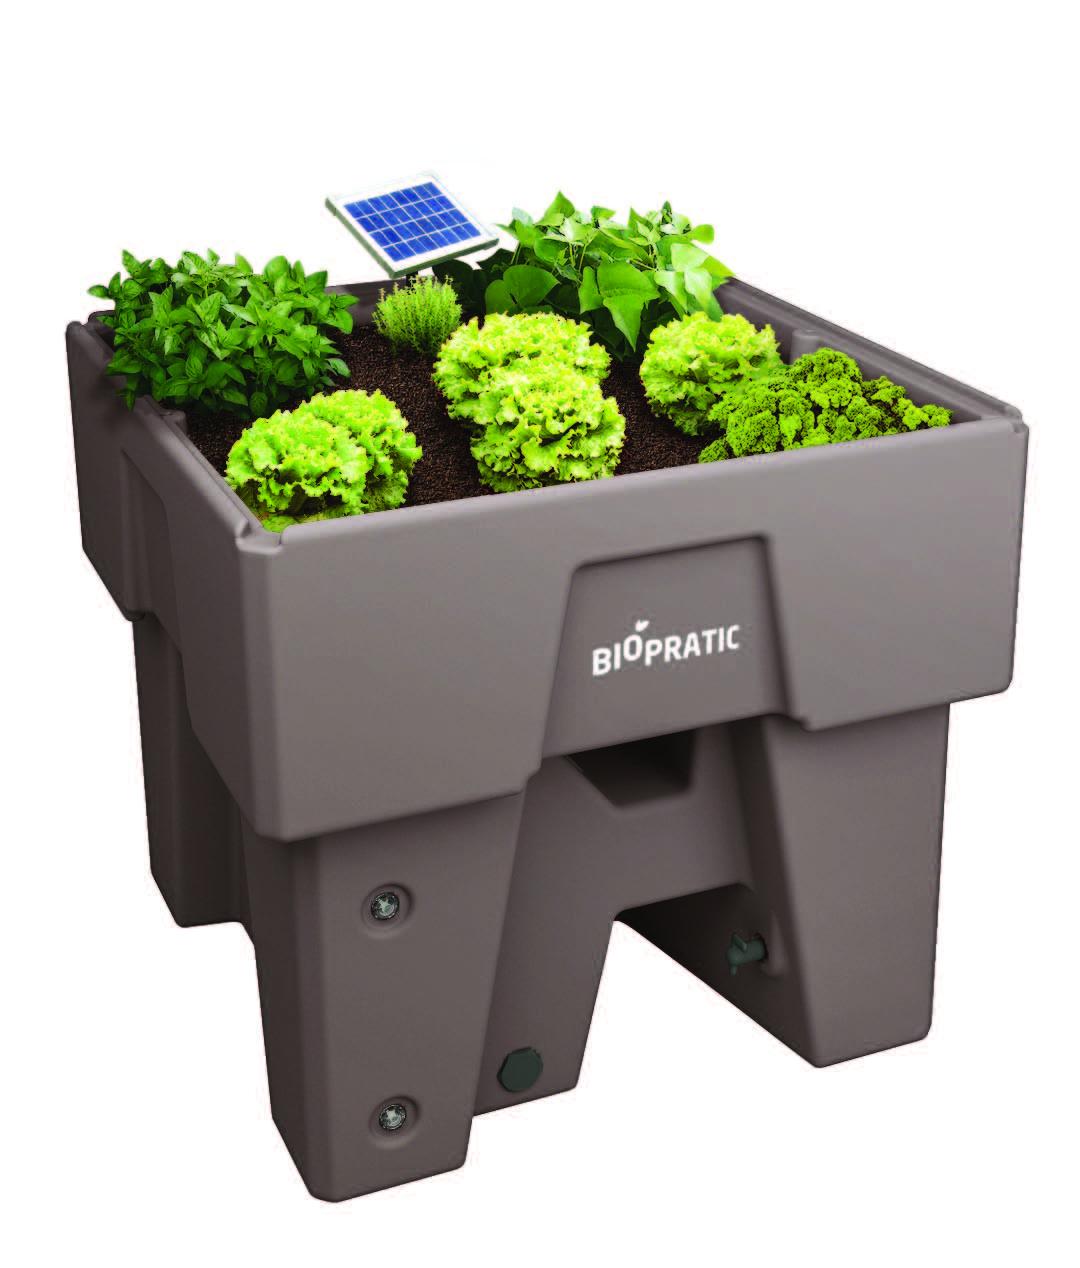 Jardin potager surélevé Biopratic en situation